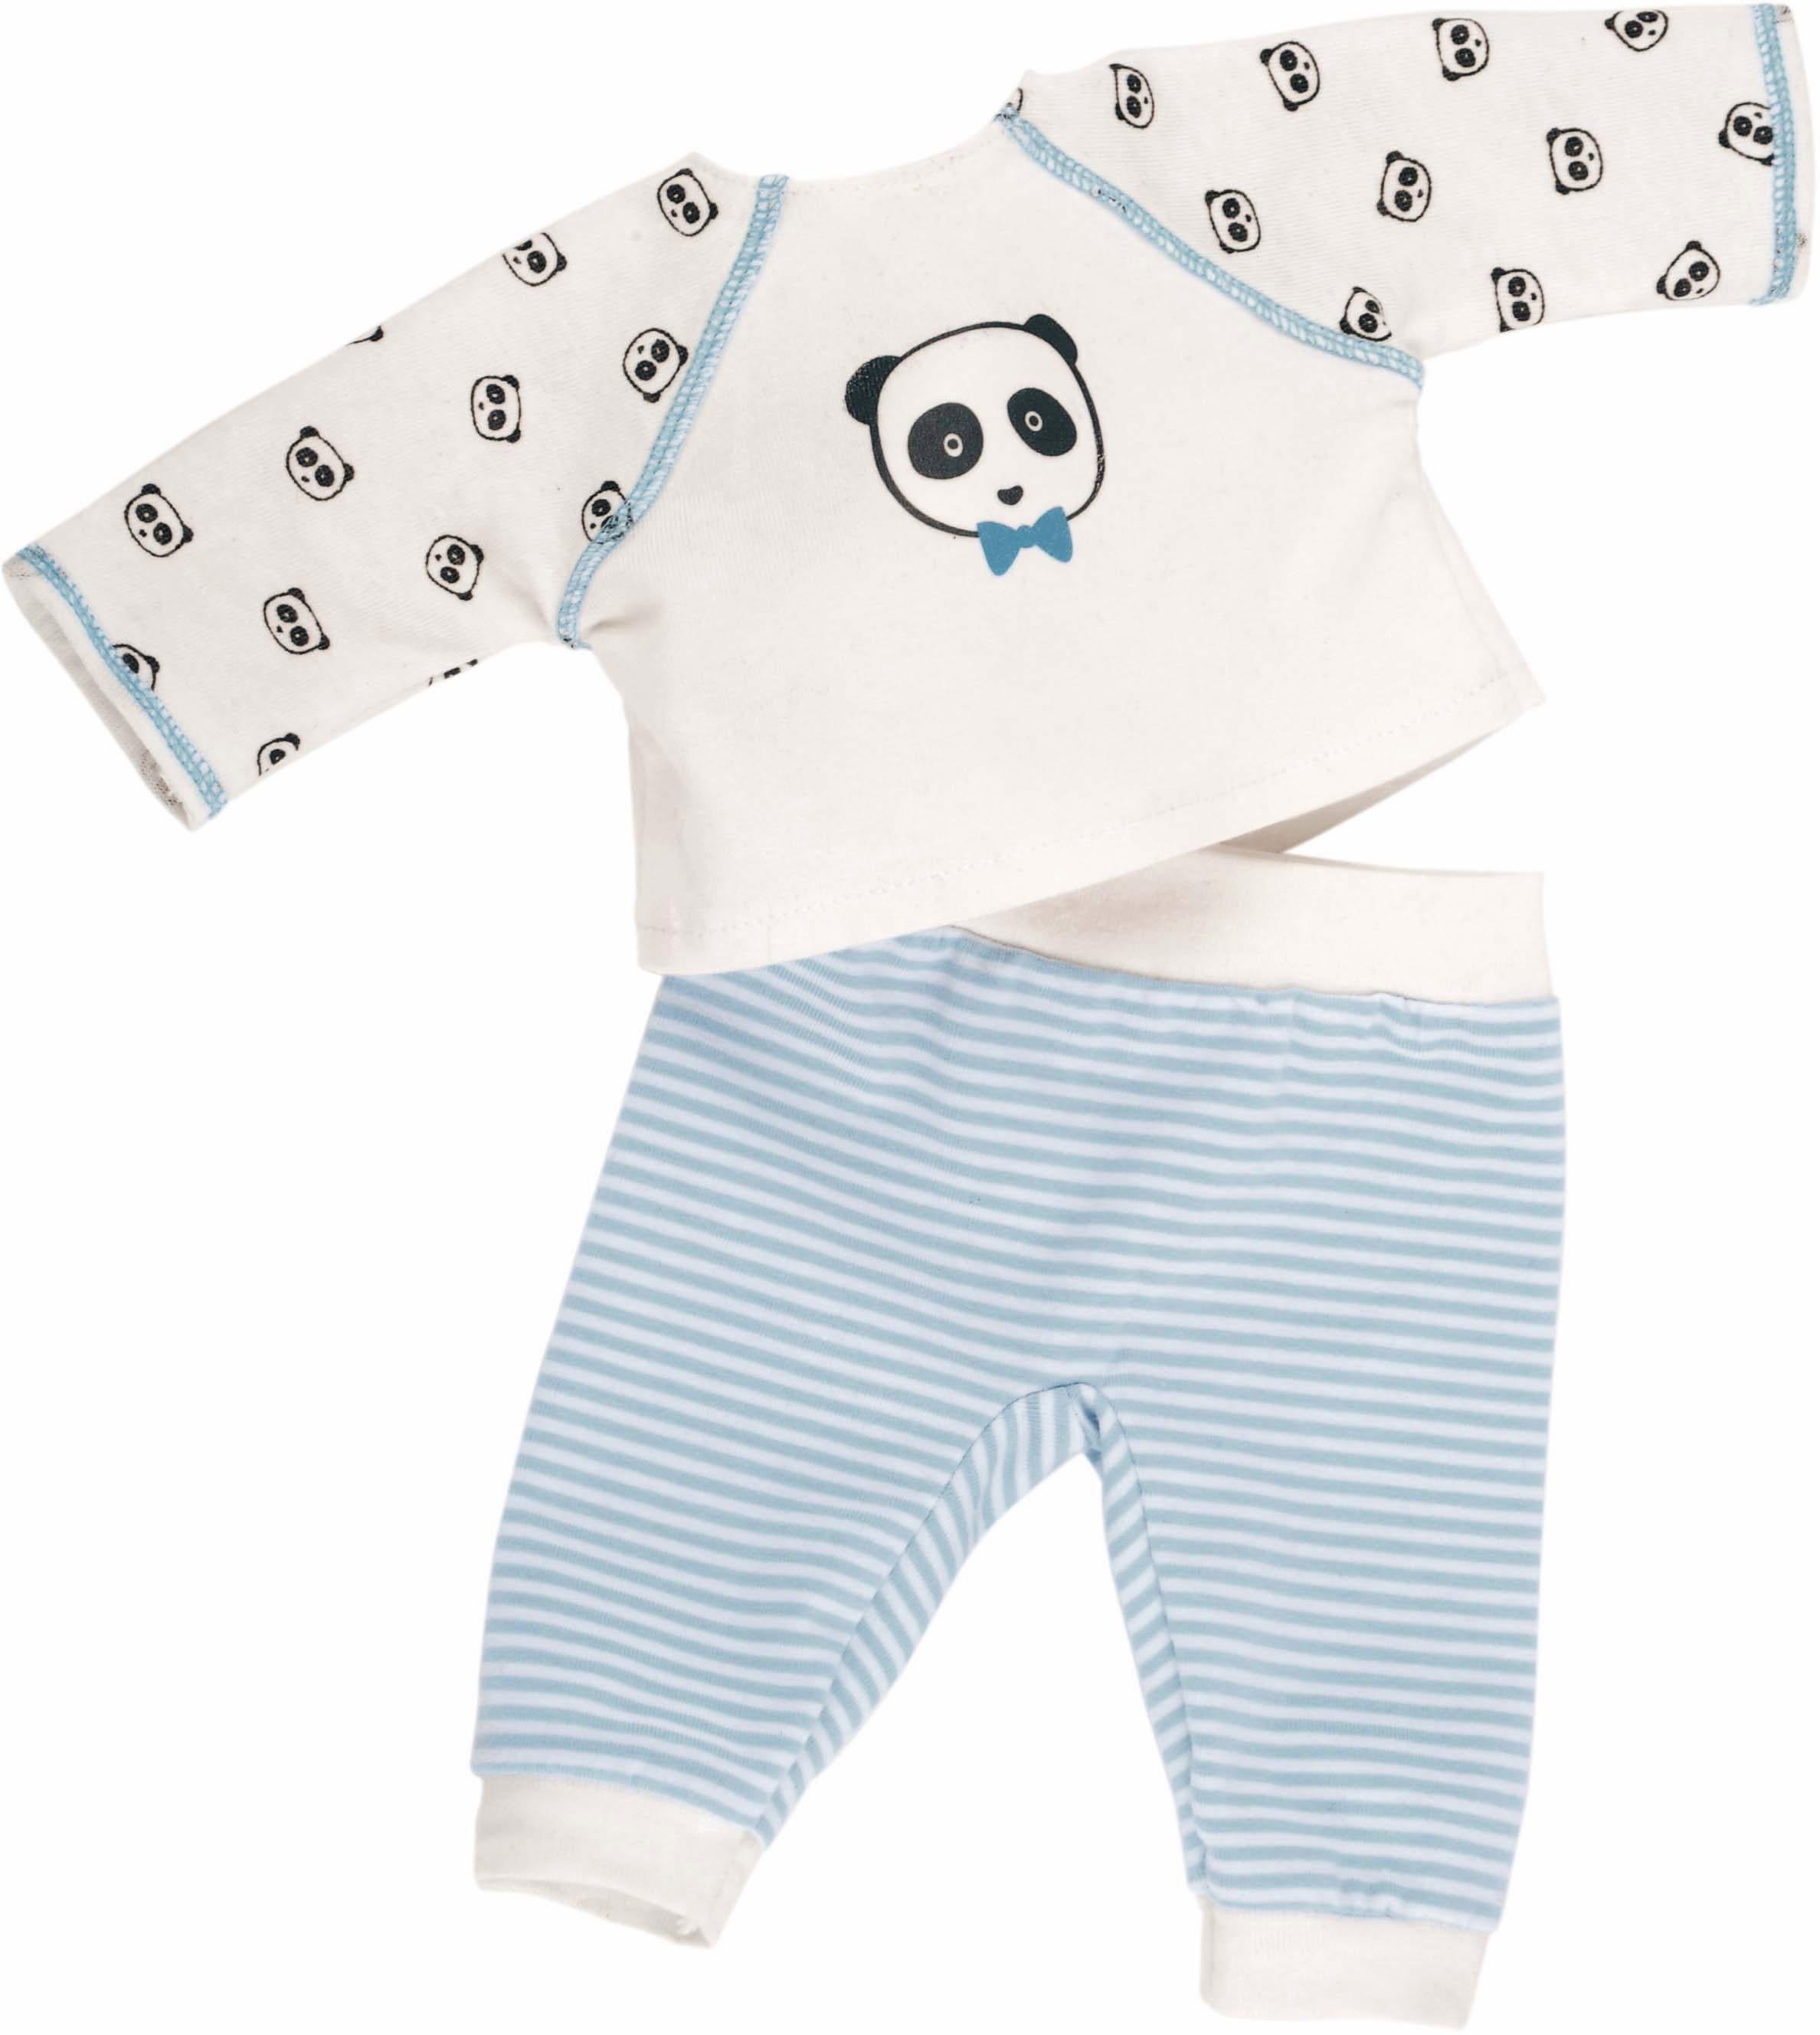 Käthe Kruse Puppenbekleidung, Größe ca. 35-37 cm, »Panda Schlafanzug« | Bekleidung > Wäsche > Nachtwäsche | Mehrfarbig | Ab | KÄTHE KRUSE